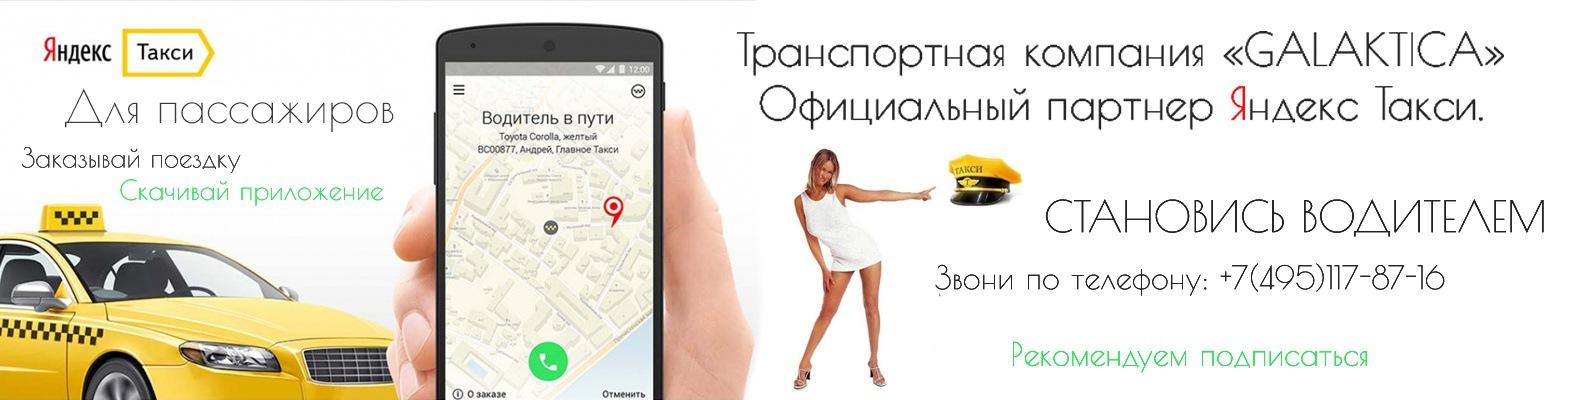 Такси камилла приложение для водителя